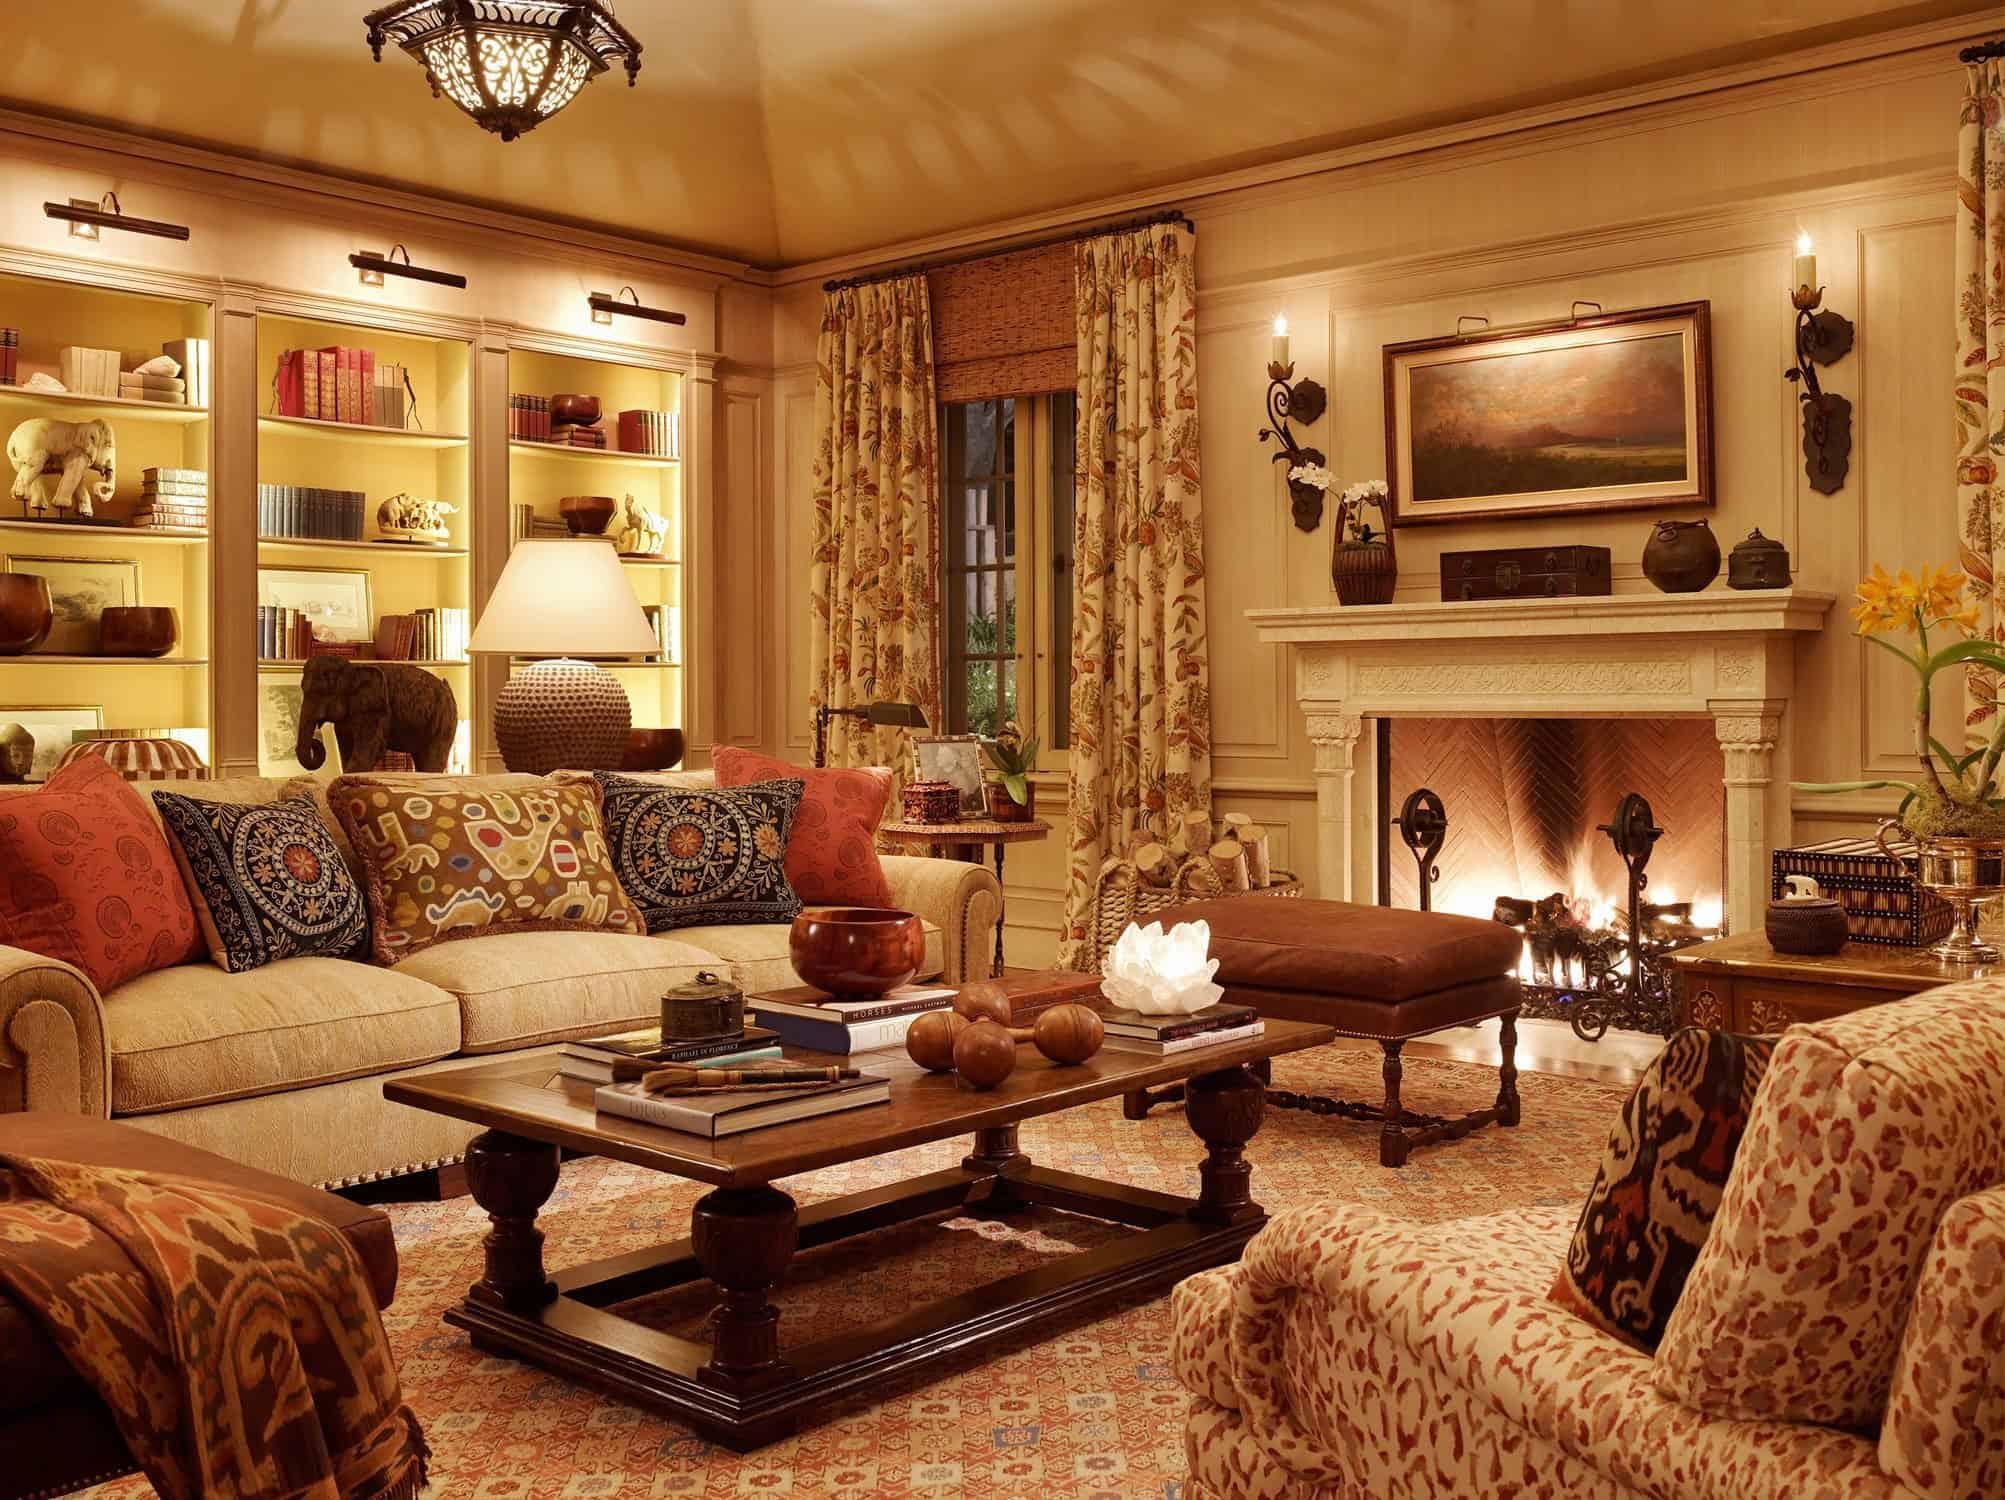 Carmel-Valley-Residence-Tucker-Marks-07-1 Kindesign